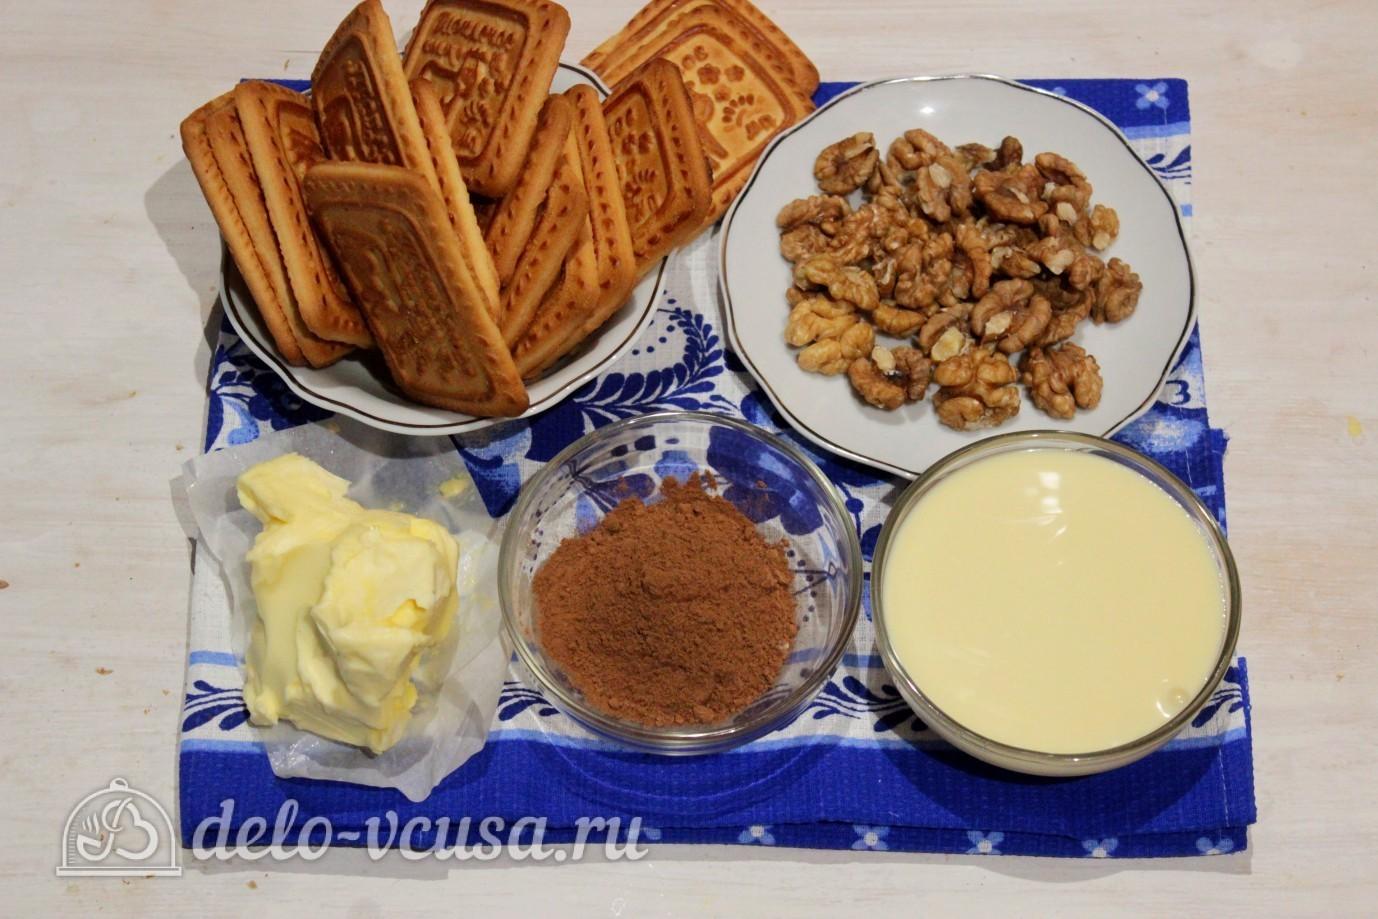 Пирожные картошка из печенья и сгущенки рецепт пошагово